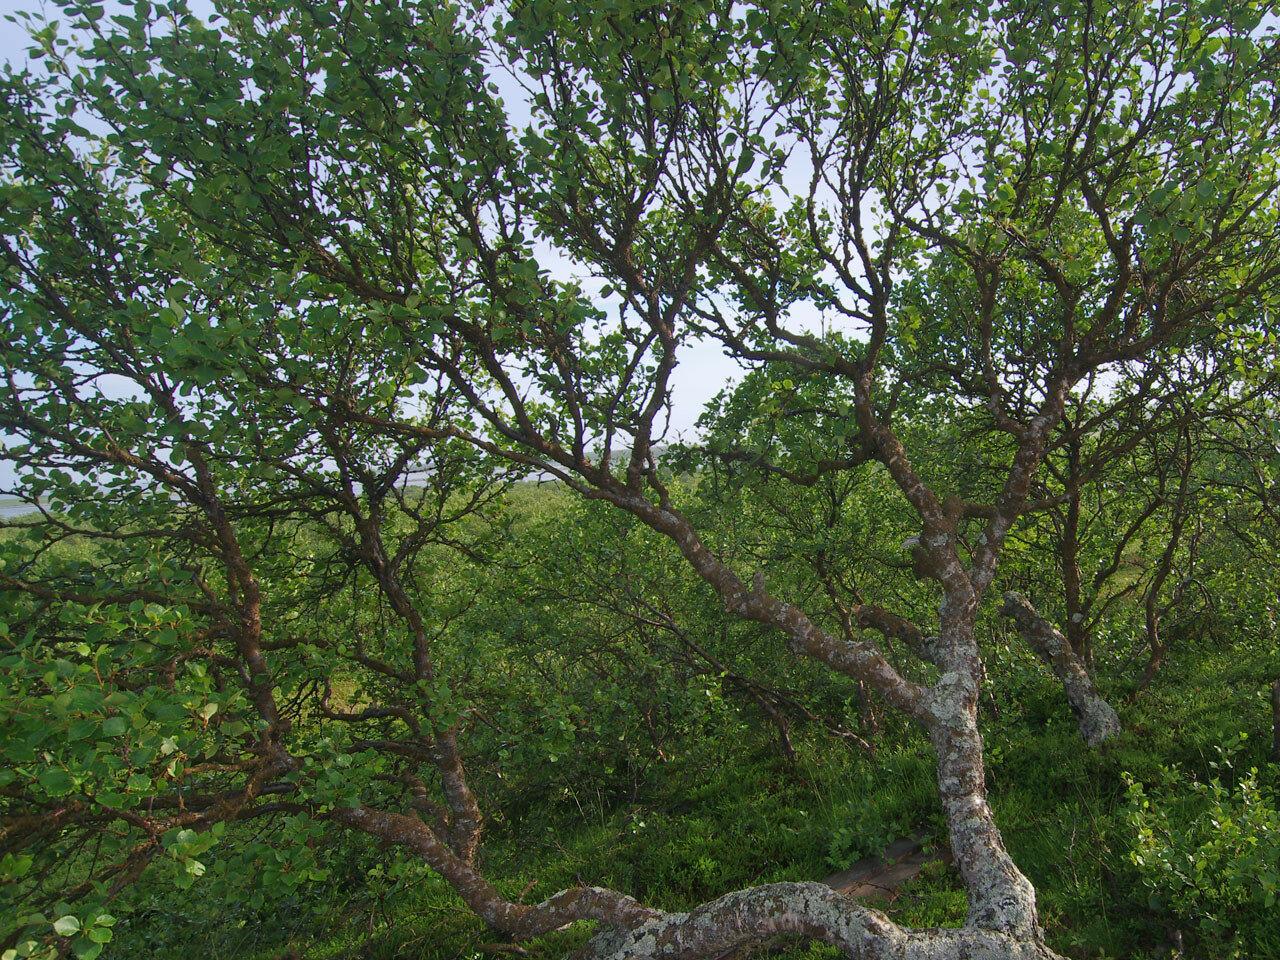 Берёза низкая (Betula humilis). Автор фото: Юрий Семенов